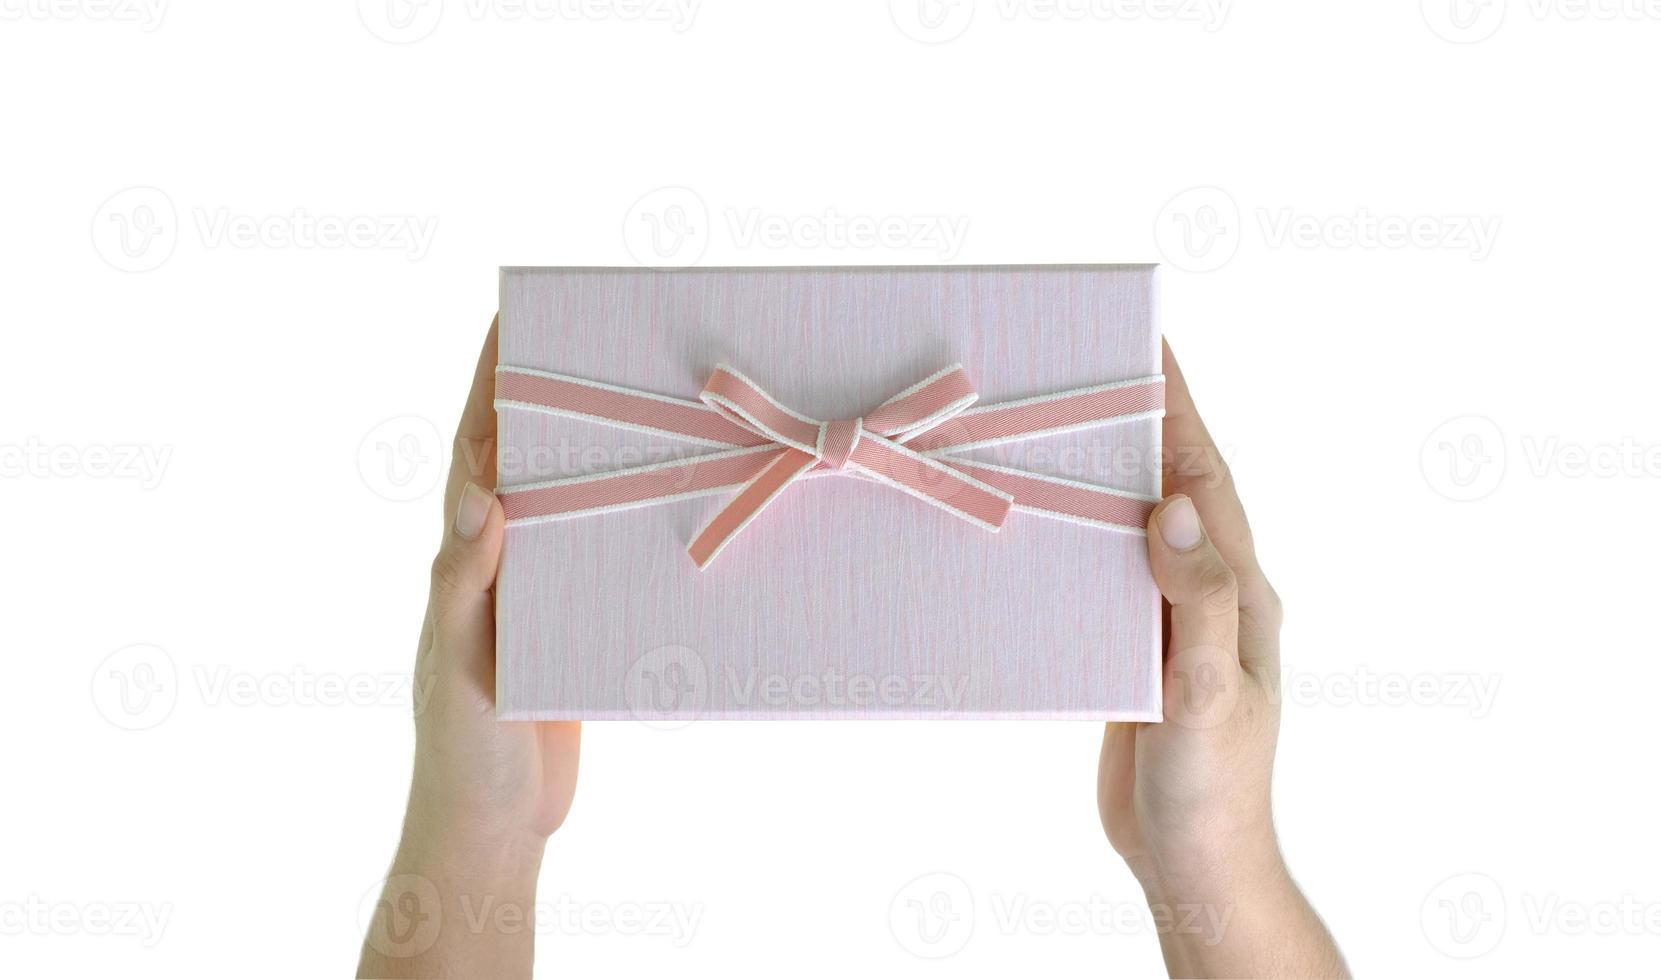 mano sosteniendo caja de regalo foto